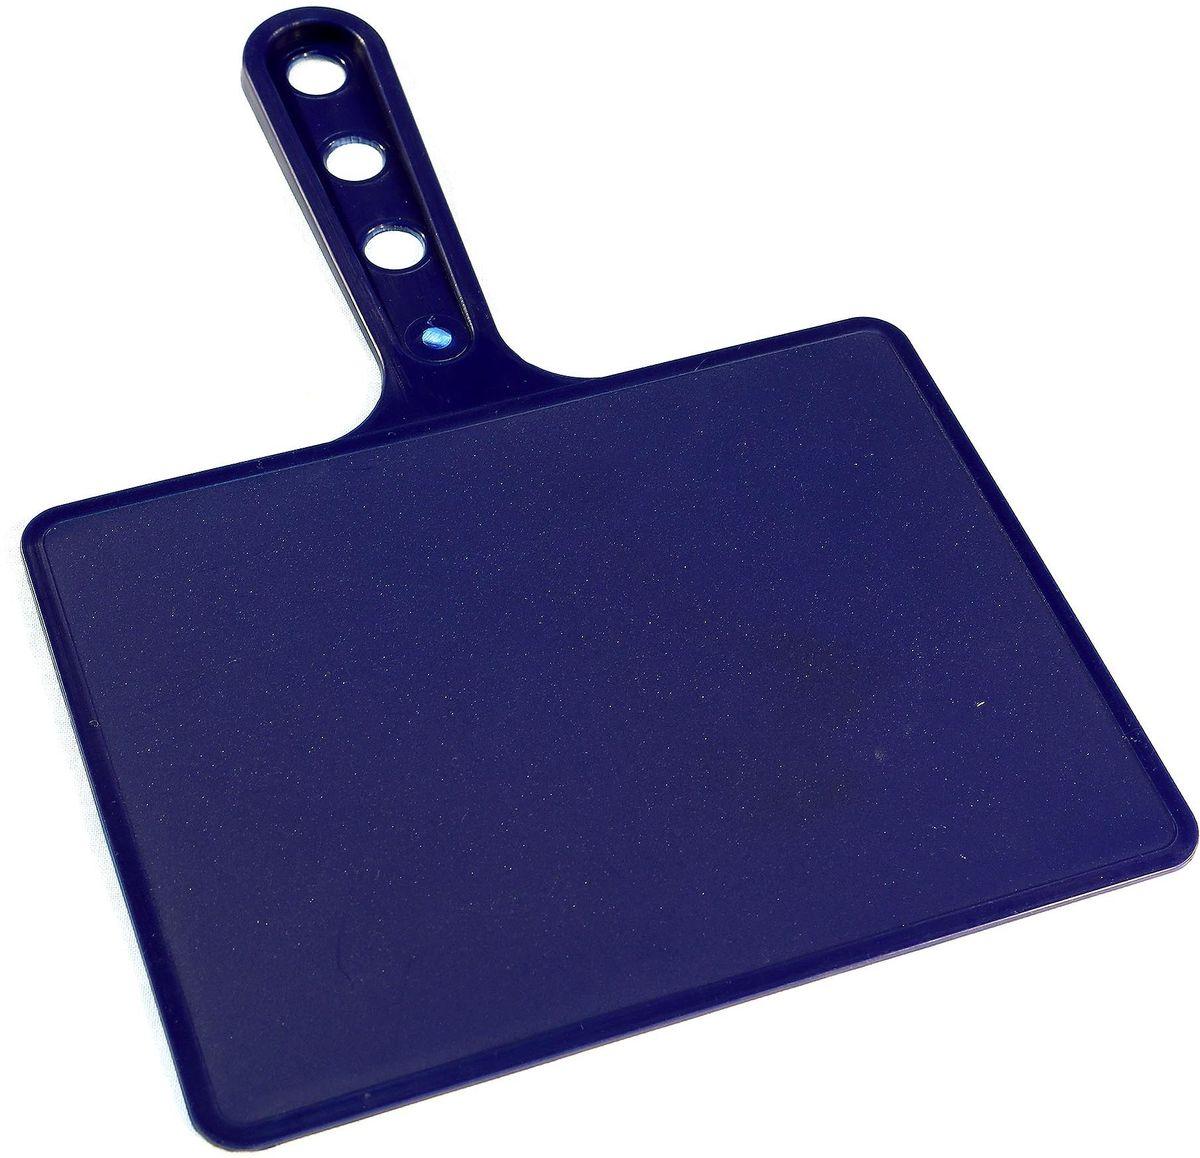 Веер для мангала BG, цвет: синий. 150181150181-С, синийПредназначен для раздува углей в мангале. Изготовлен из высококачественного пластика(ПЭНД), одна сторона глянец, вторая шагрень. Ручка имеет 3 отверстия. Можно использовать как разделочную доску для мяса, нарезки овощей или хлеба. Рабочая поверхность выполнена в виде прямоугольника, размер: 197 х 148 мм.